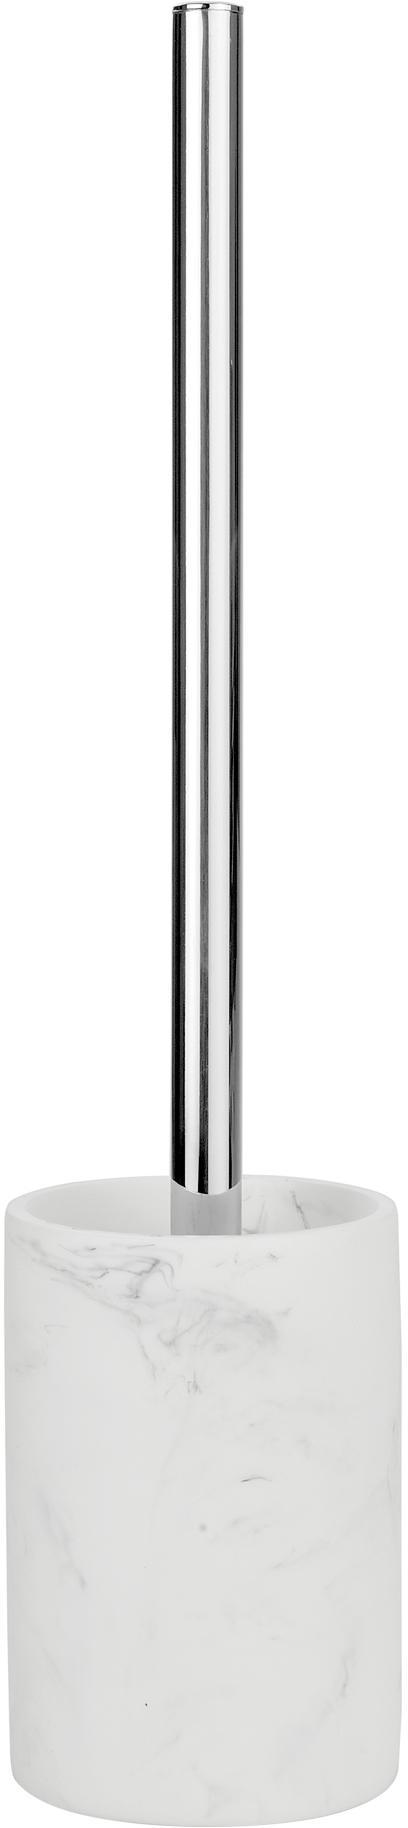 Toilettenbürste Swan in Marmor-Optik, Behälter: Kunststoff (Polyresin), Griff: Kunststoff (Plastik), Behälter: Weiß, marmoriertGriff: Silberfarben, Ø 9 x H 40 cm